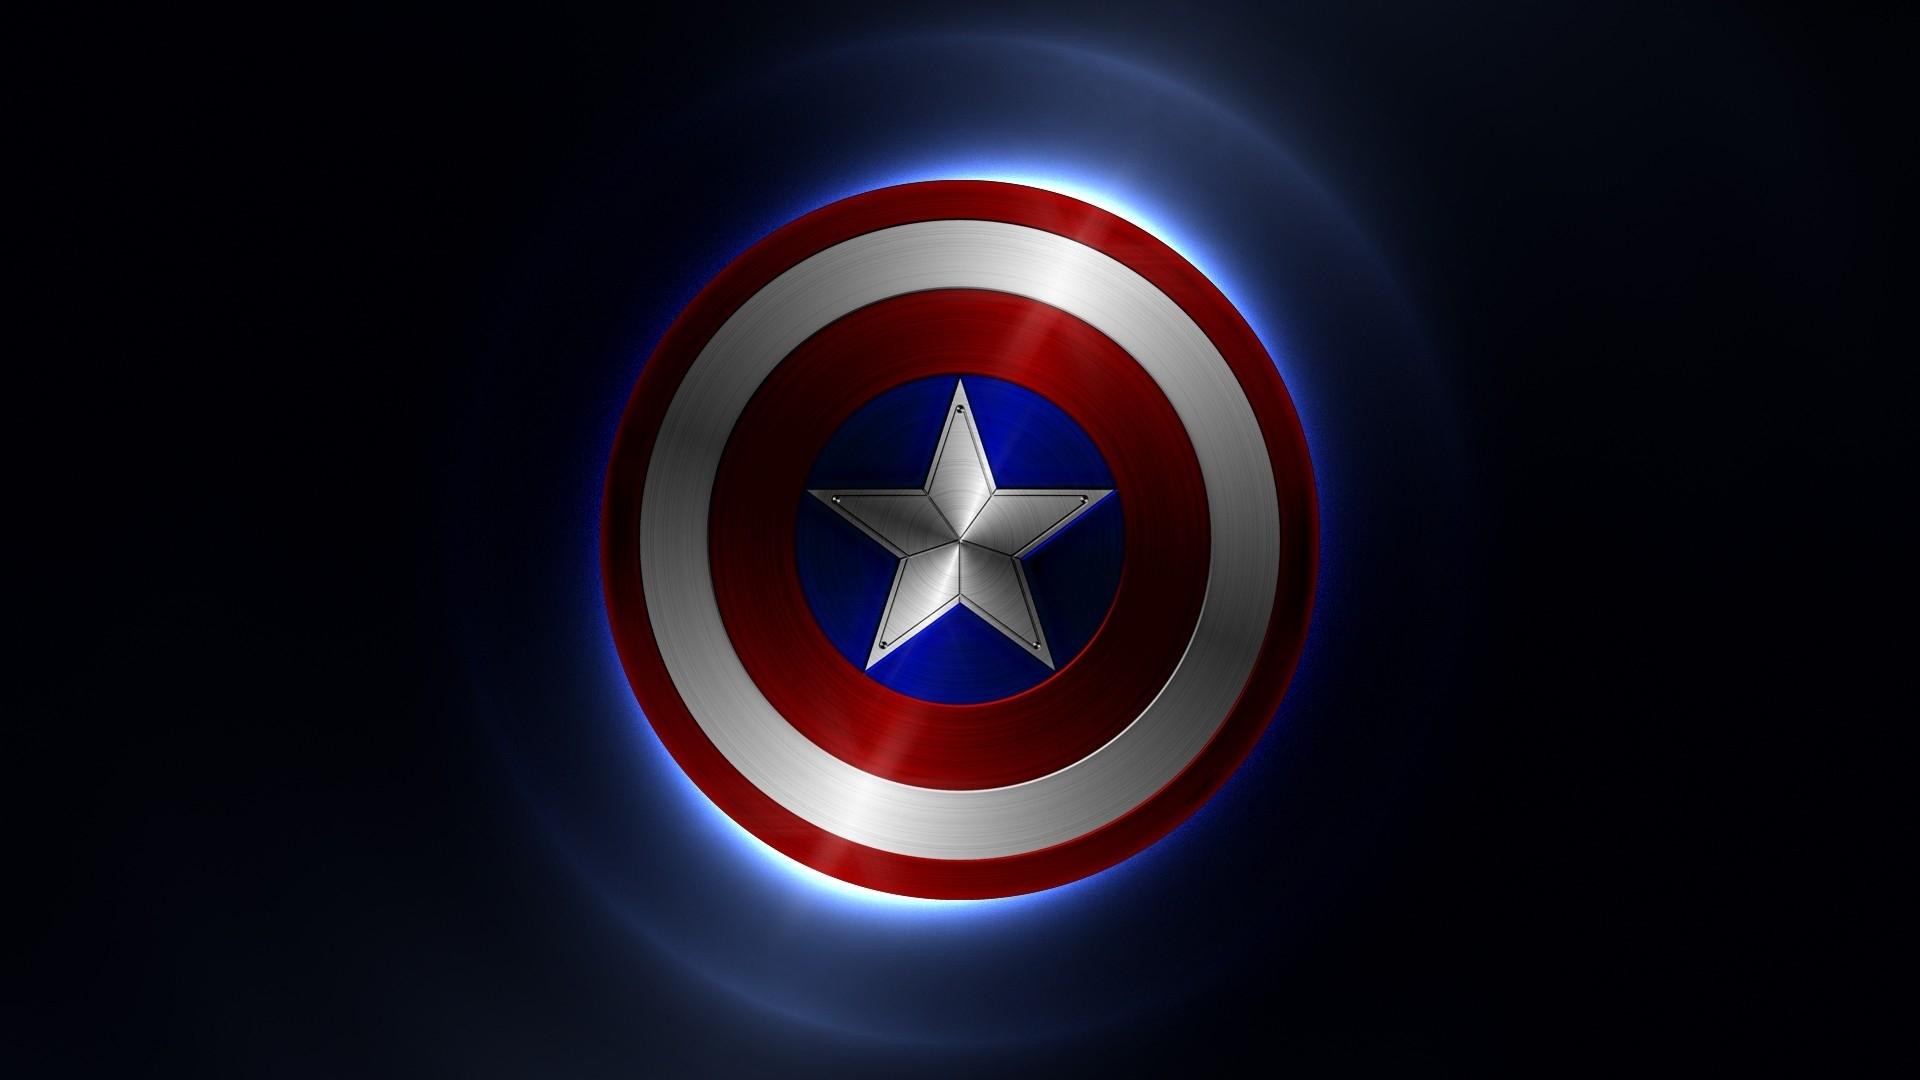 wallpaper captain america hd gratuit à télécharger sur ngn mag